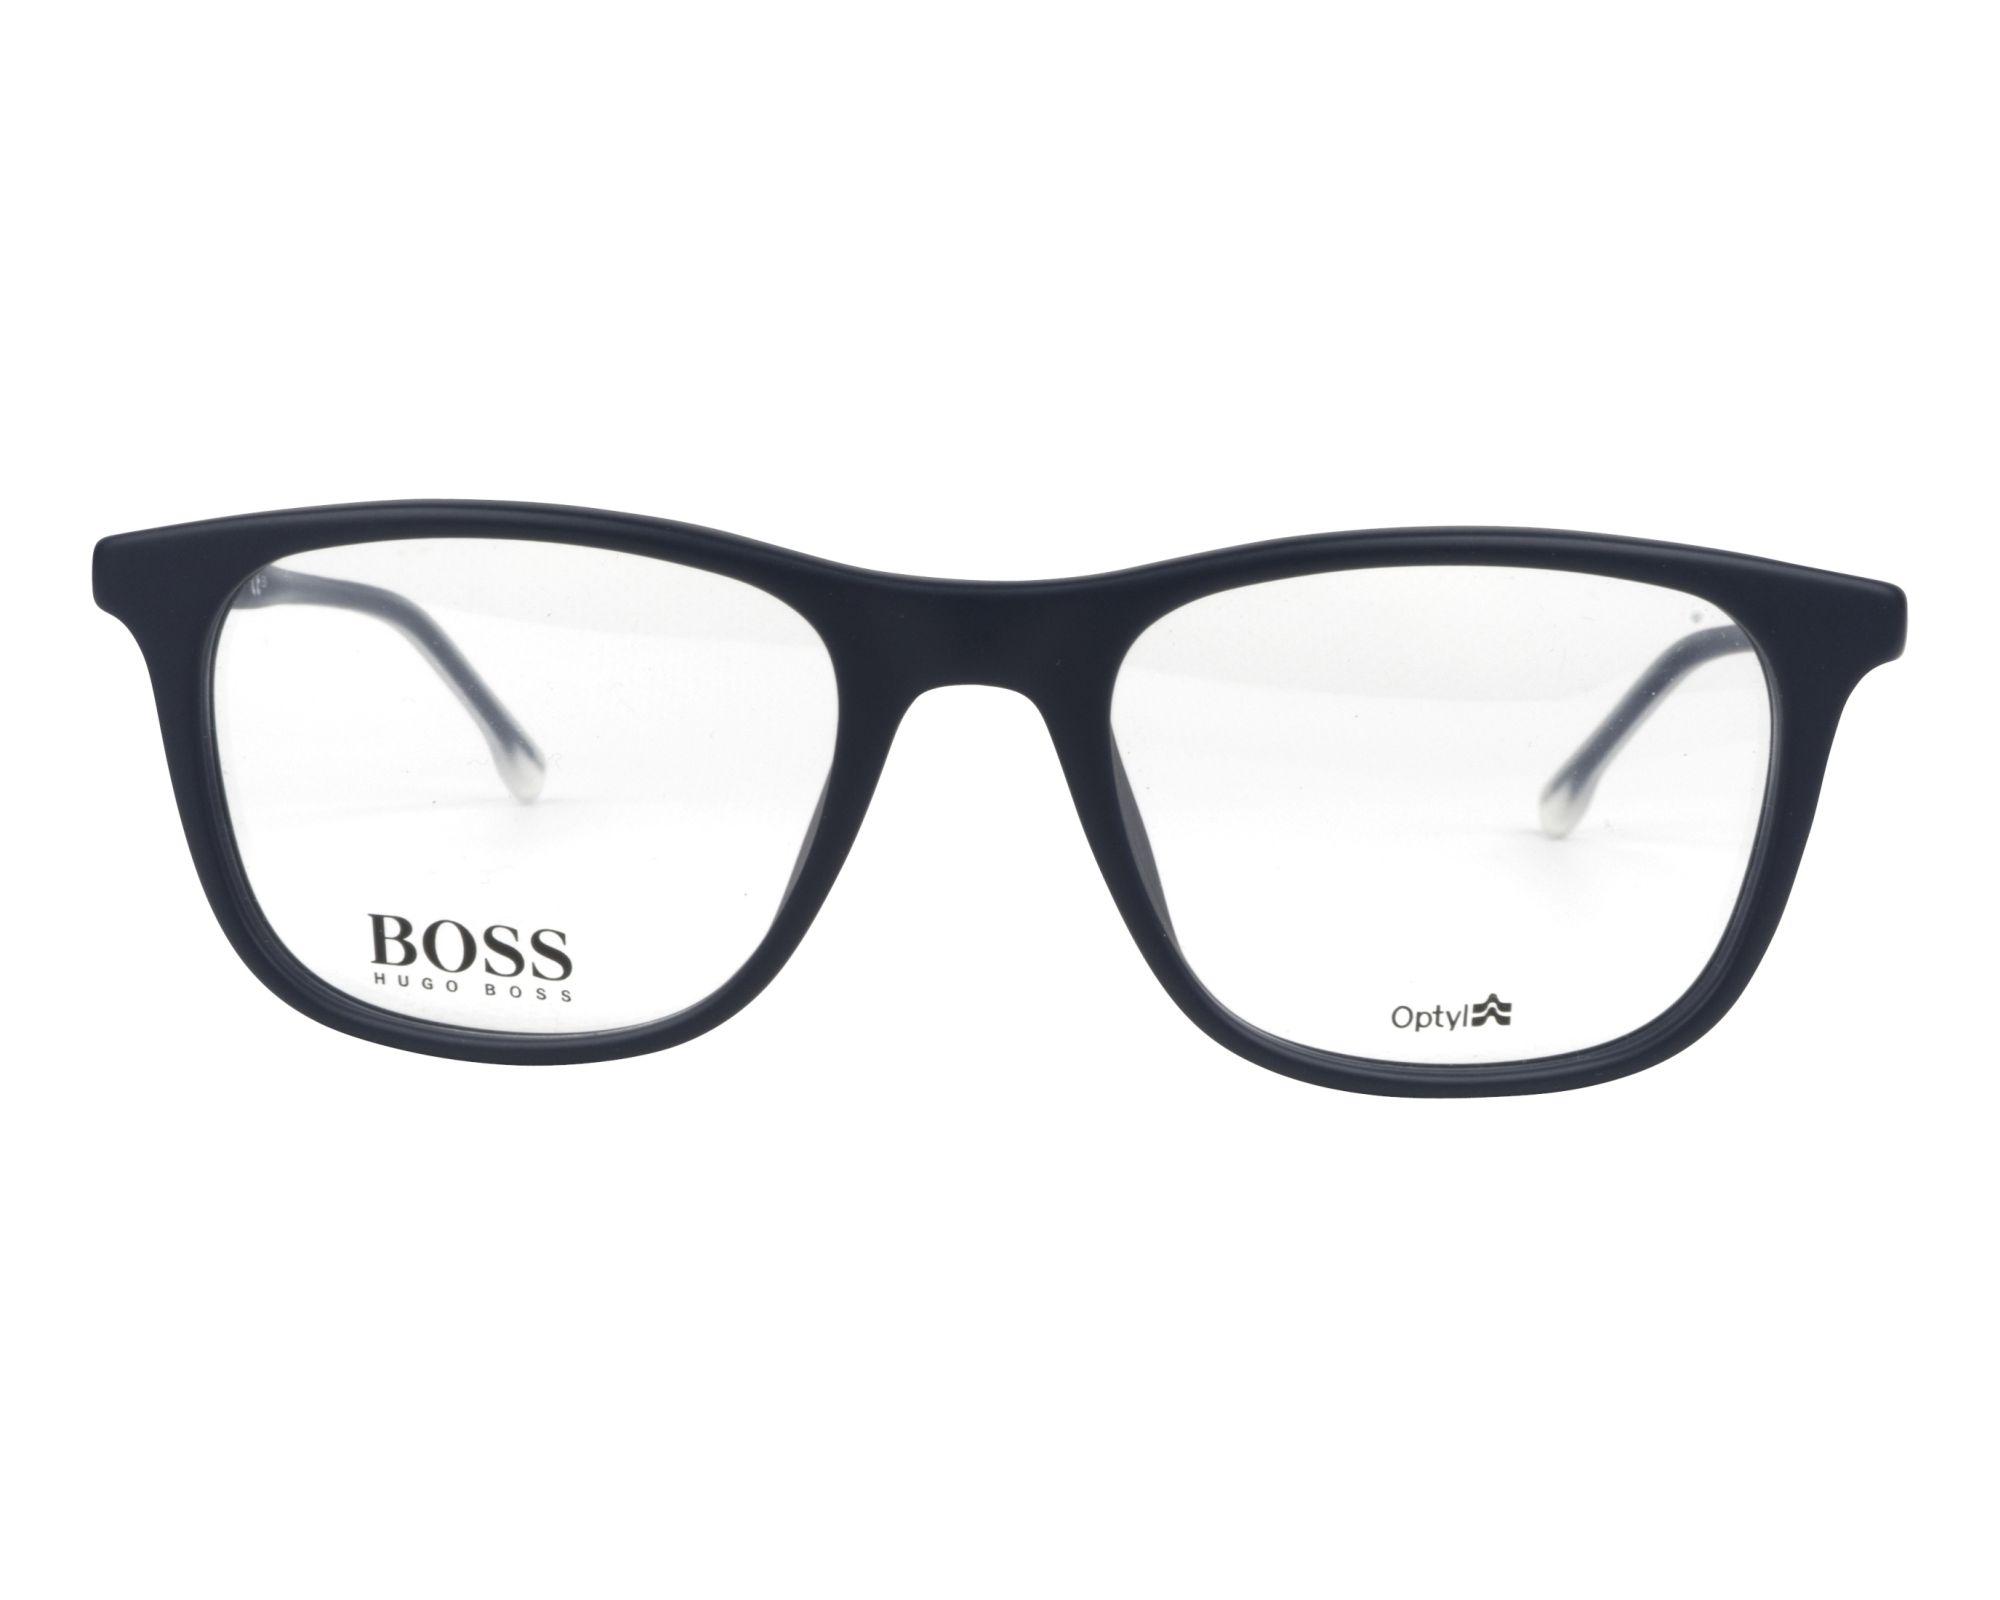 Lunettes de vue Hugo Boss BOSS-0966 RCT 52-19 Bleu Cristal vue de e2616db0b3fb